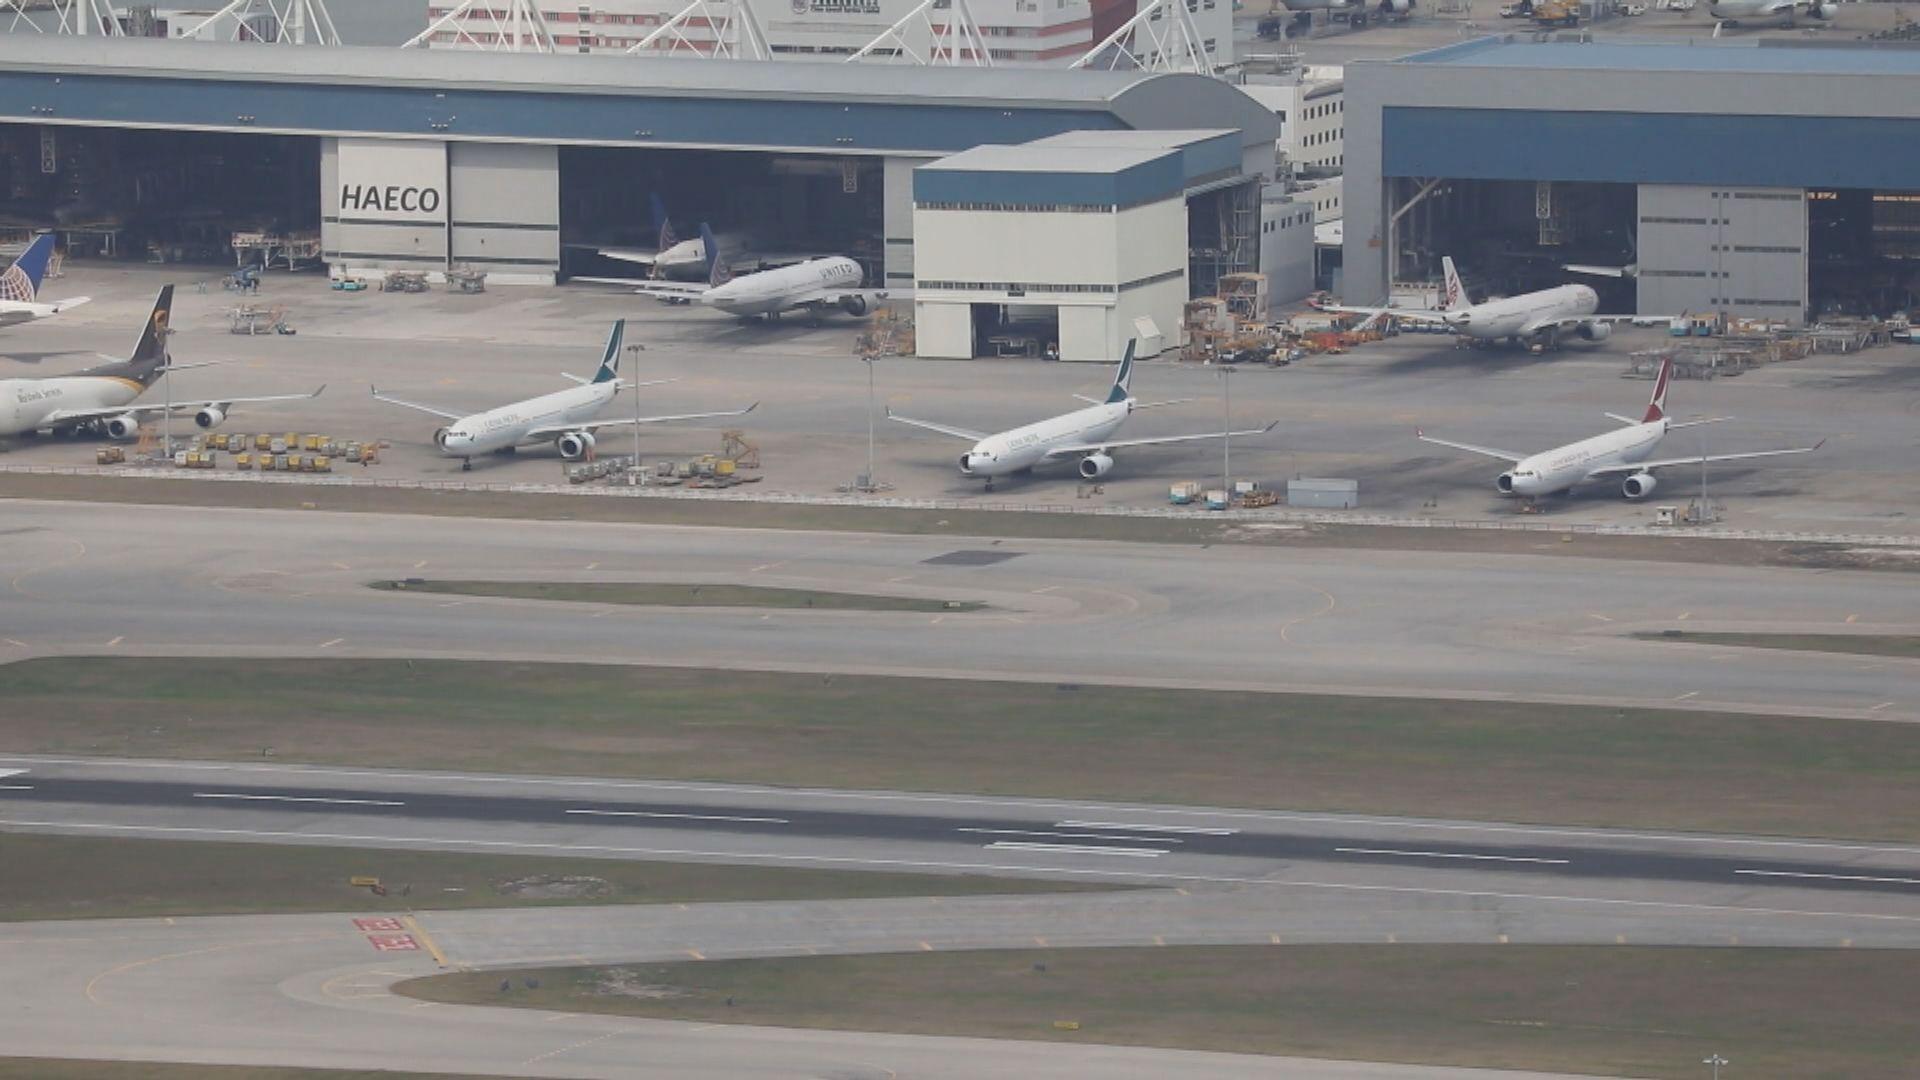 國泰航空據報6月或再度裁員 公司指不會回應傳聞